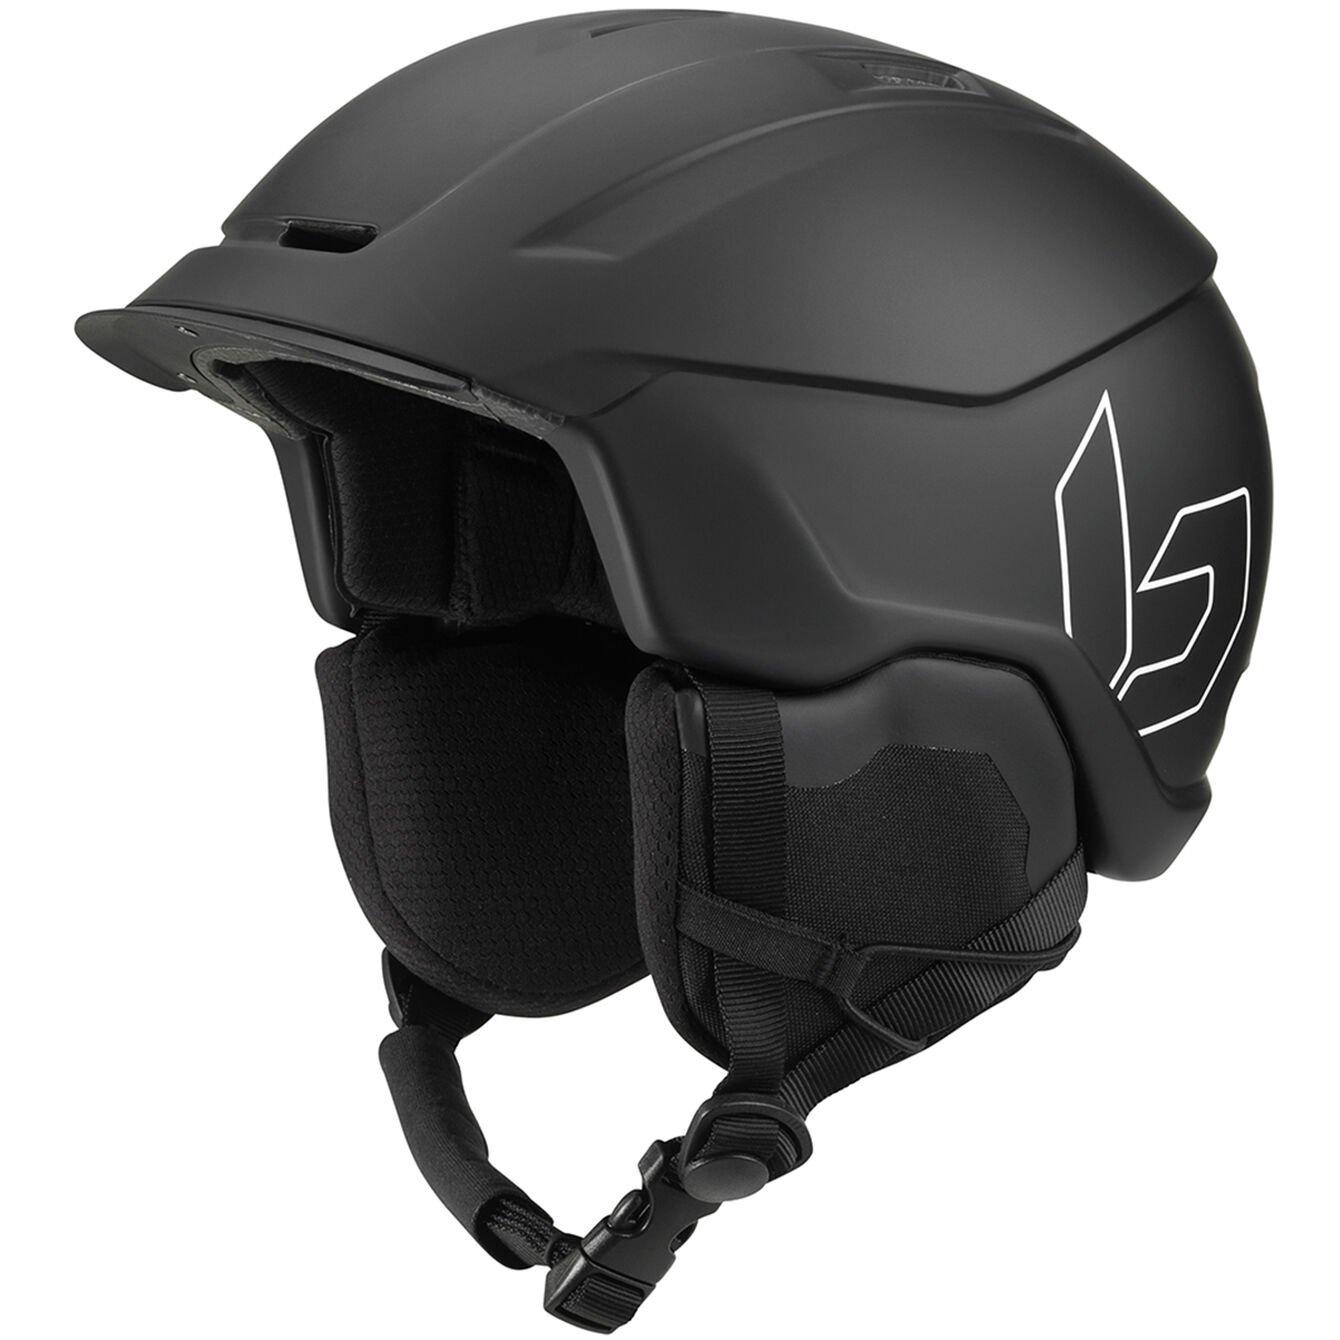 Bolle Instinct 2.0 Helmet 2021